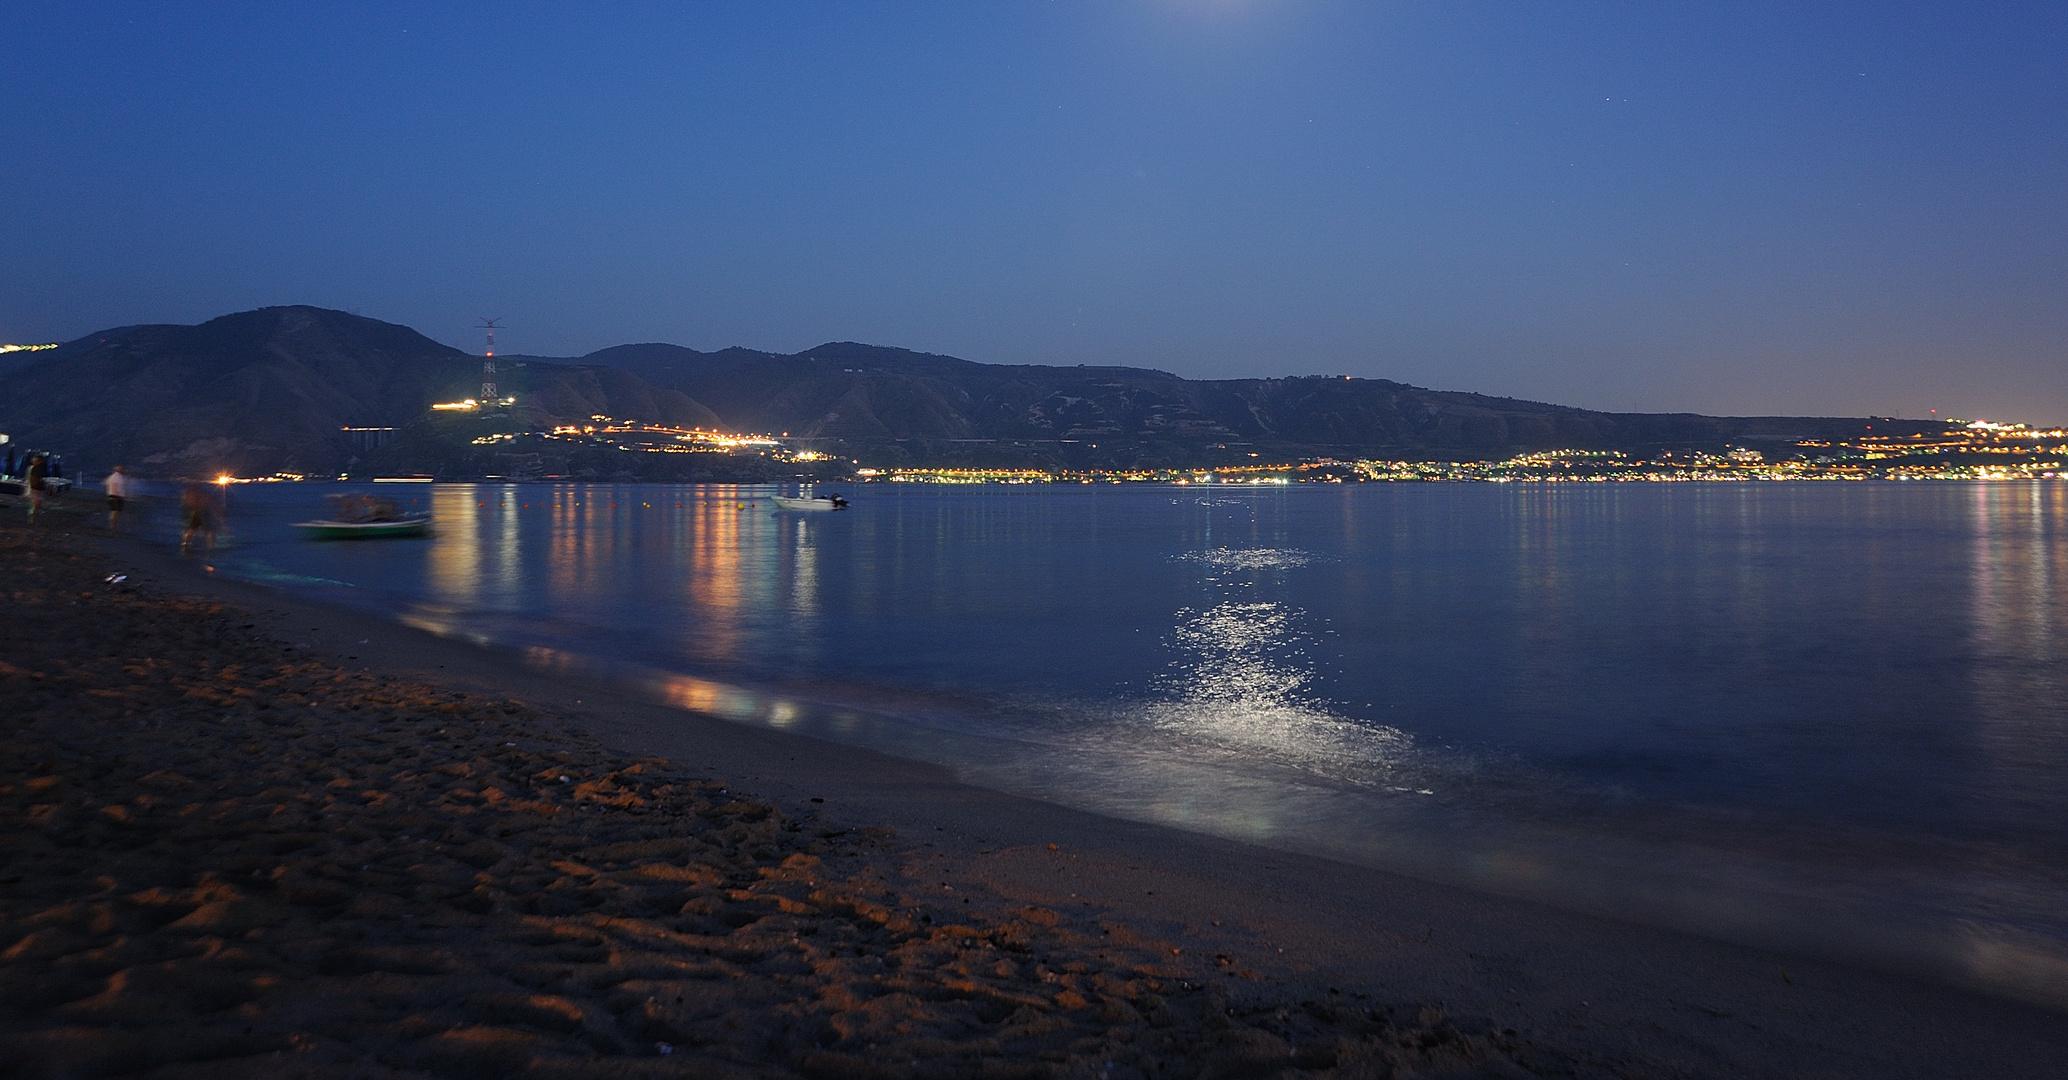 ... calda notte d'estate sull' Scilla e Cariddi